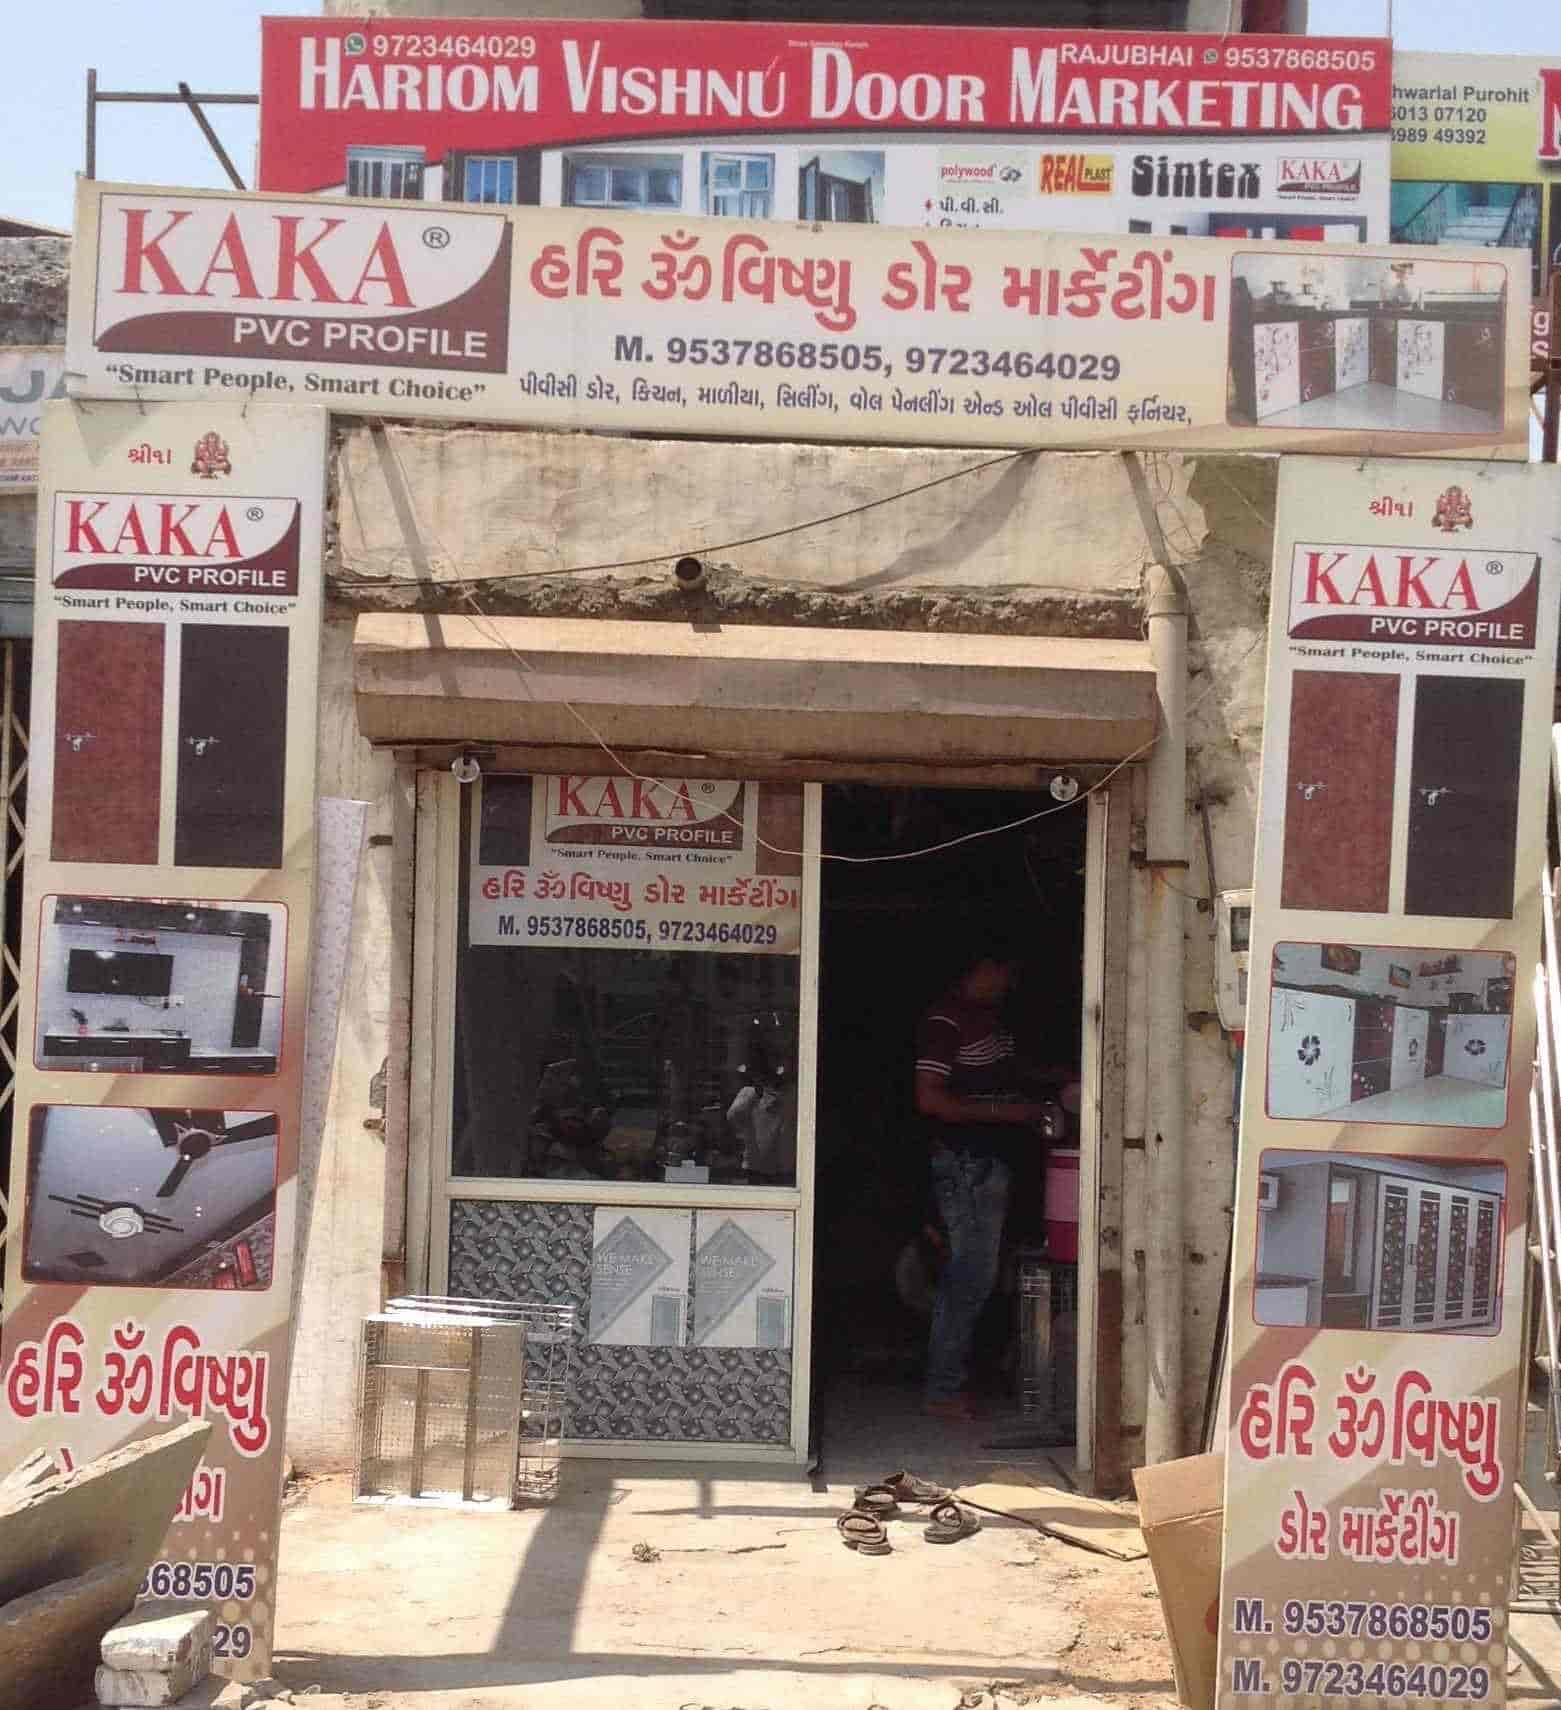 Hariom Vishnu Door Marketing Photos Jasodanagar Ahmedabad